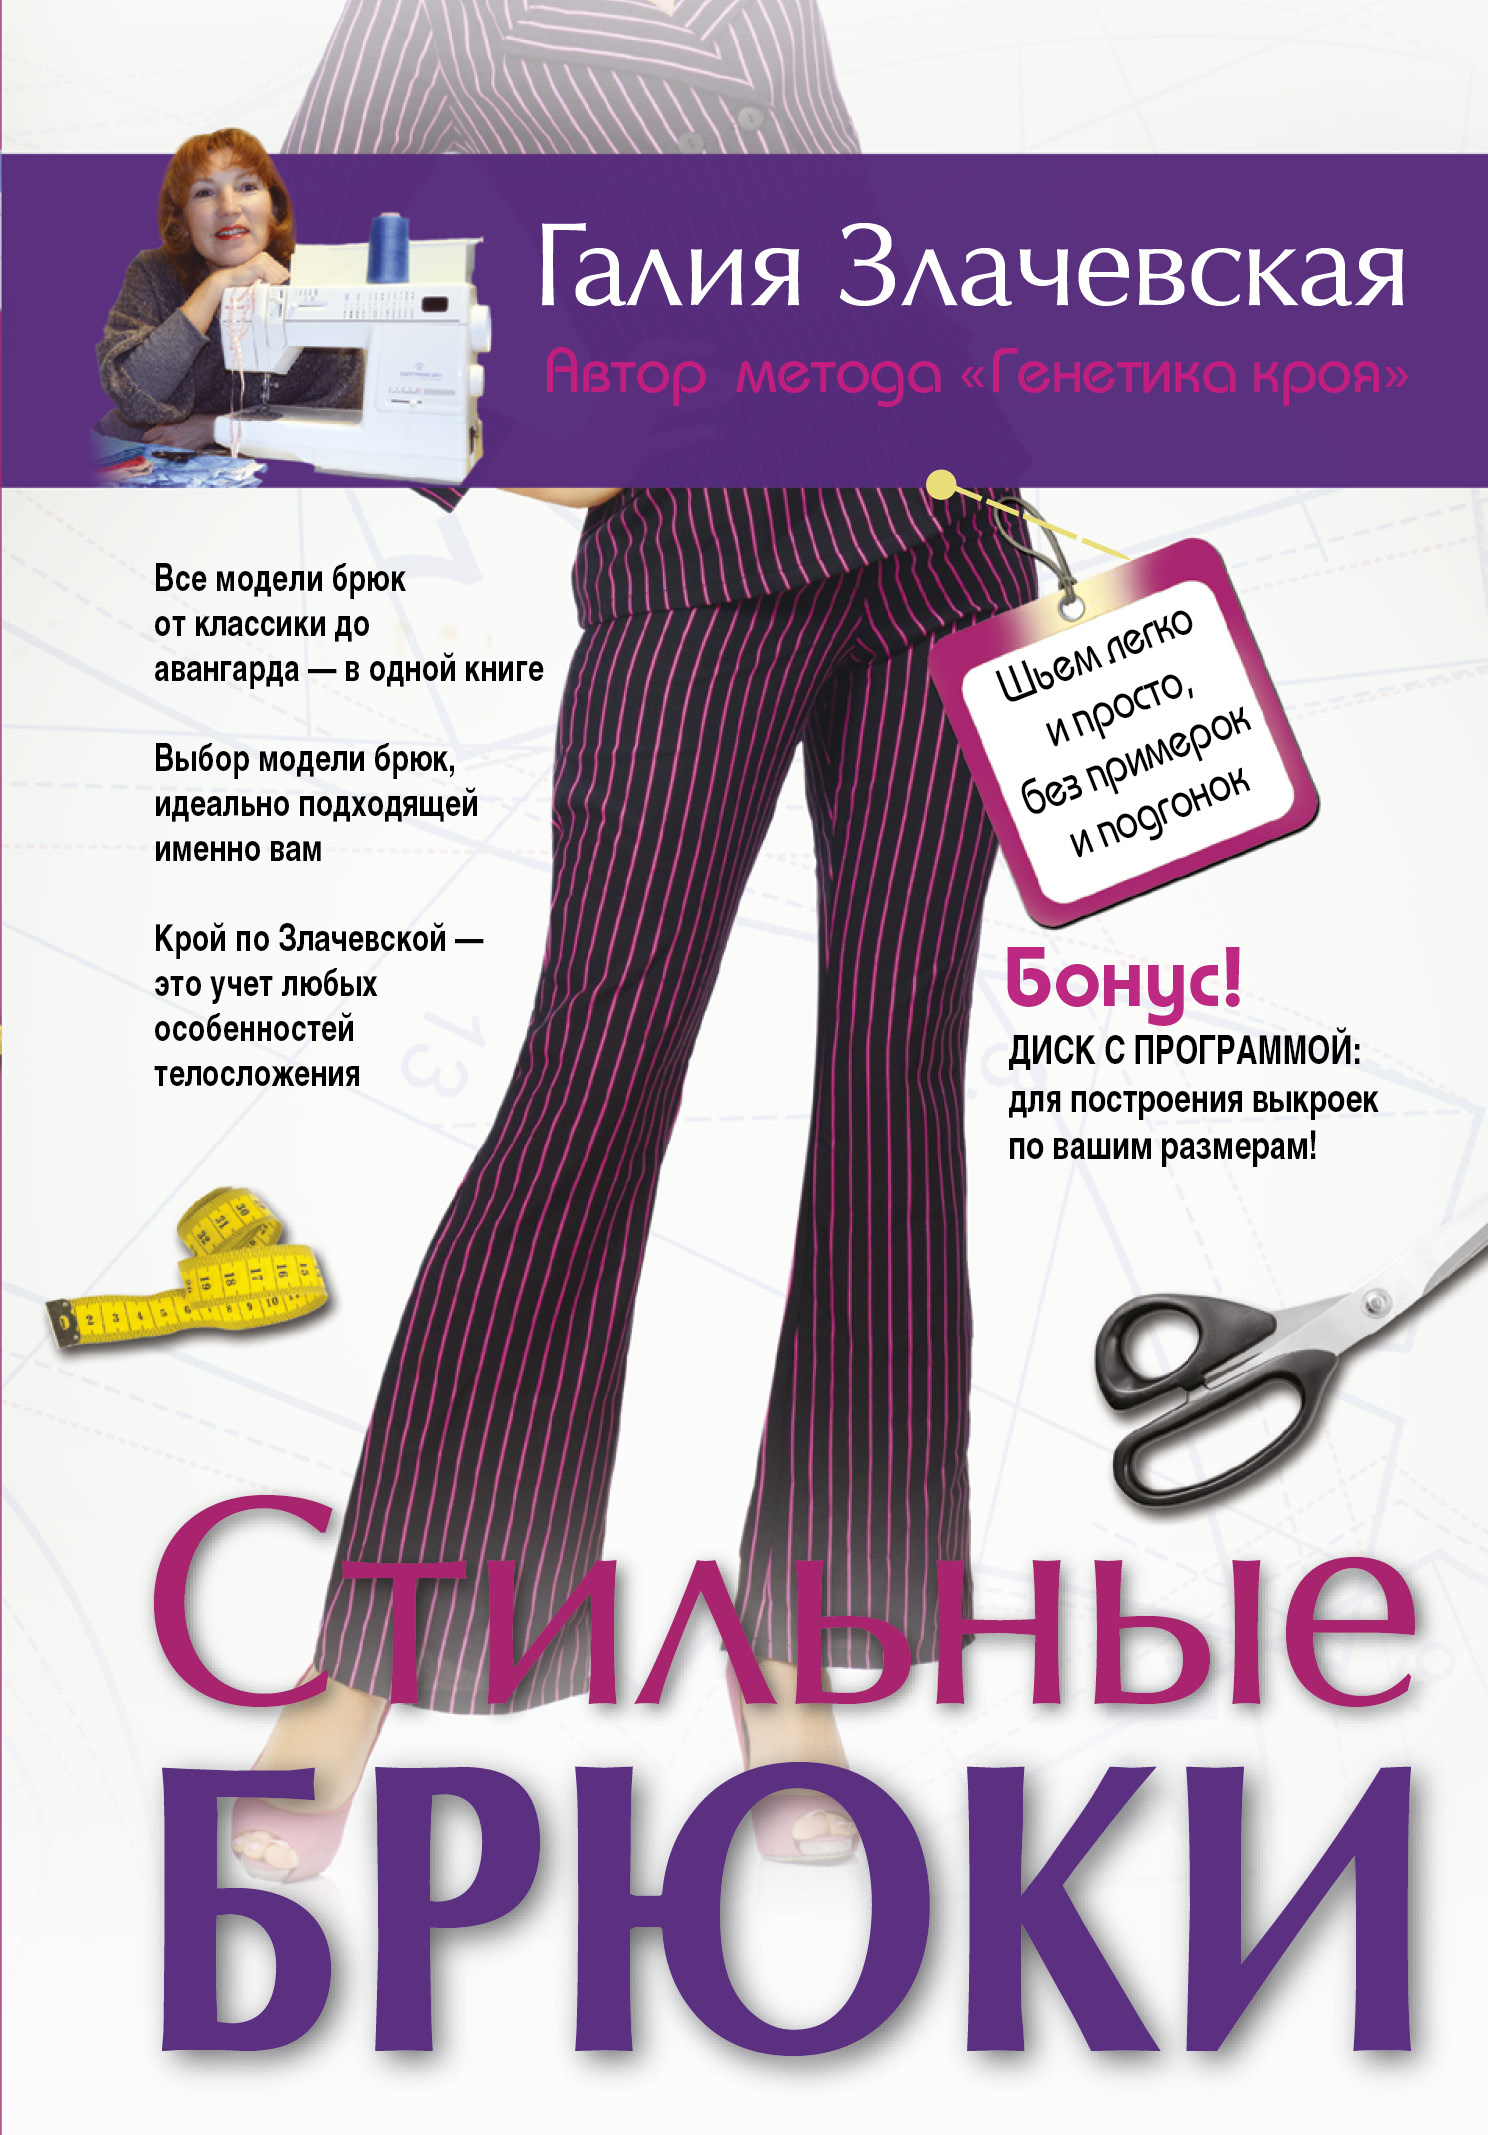 Г. М. Злачевская Стильные брюки. Шьем легко и просто, без примерок и подгонок + DVD